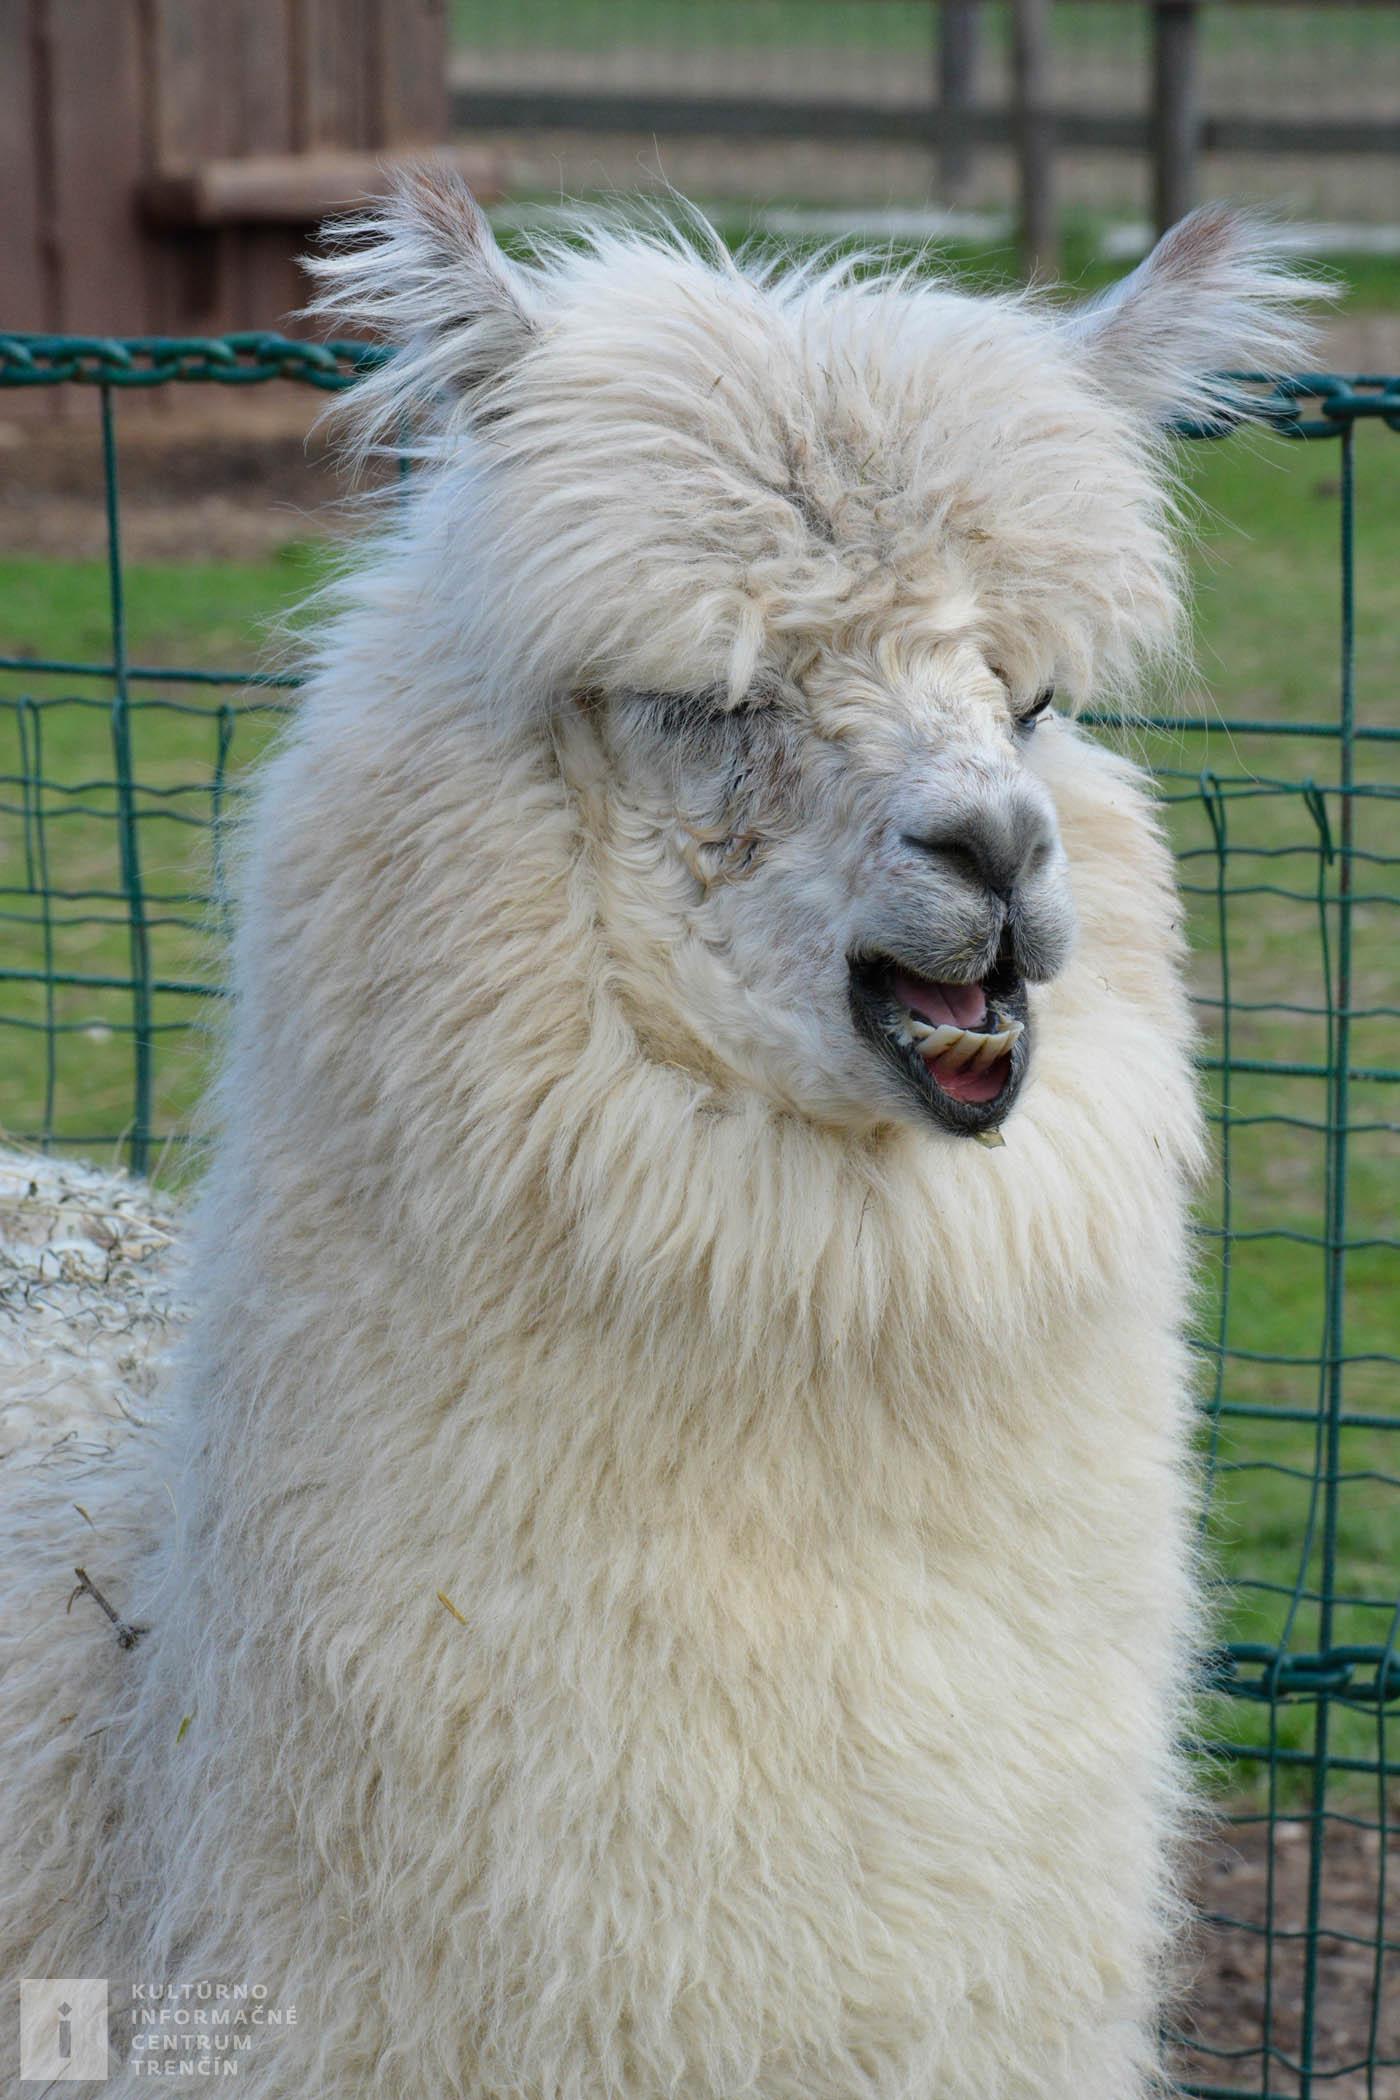 Lama Alpaka pochádza z južnej Ameriky, prispôsobila sa životu v horských oblastiach Ánd.